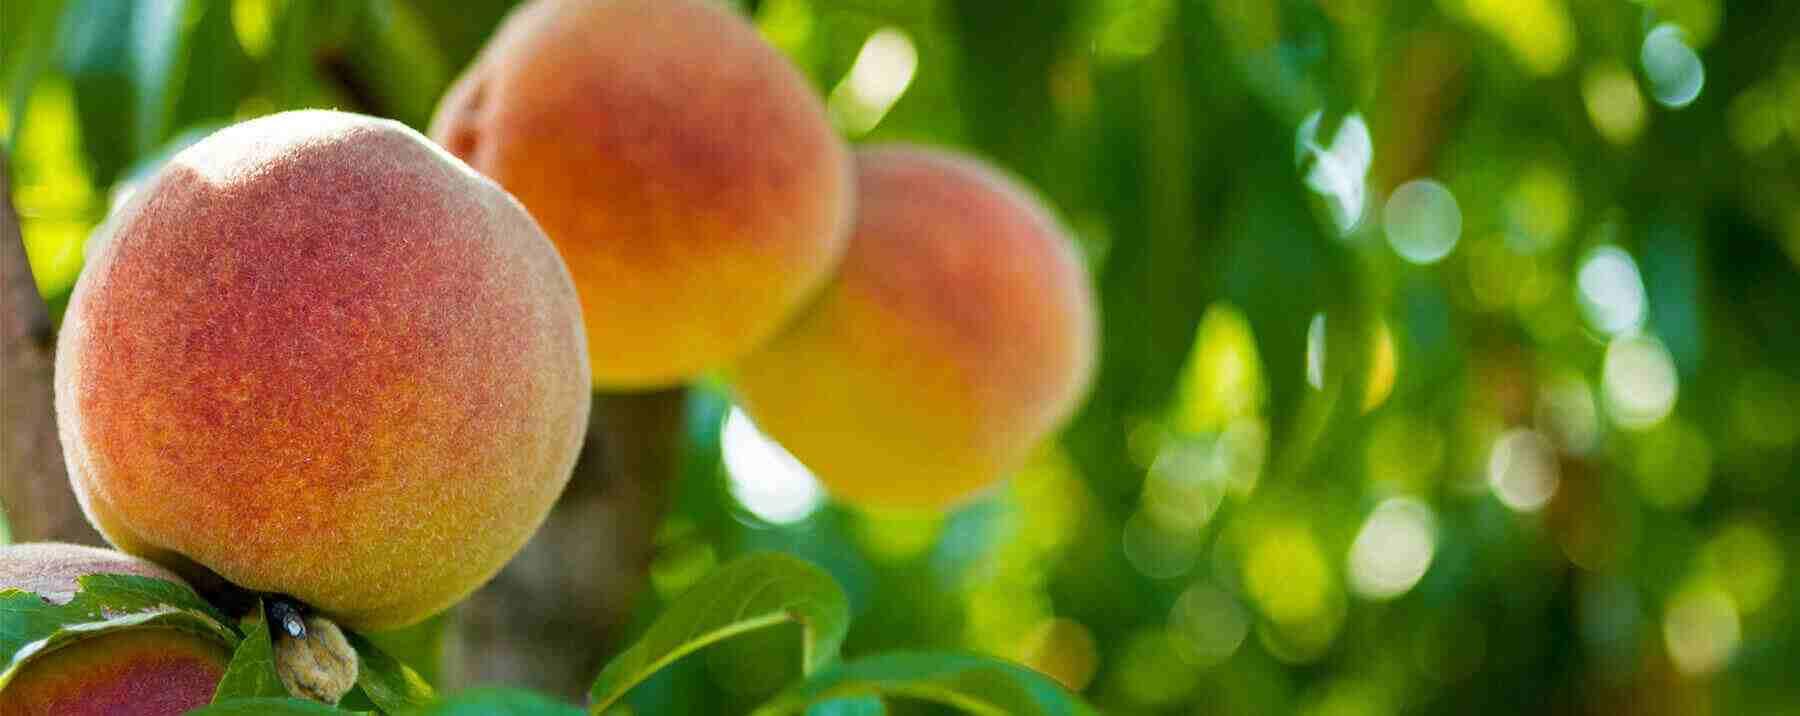 Peach & Pancakes